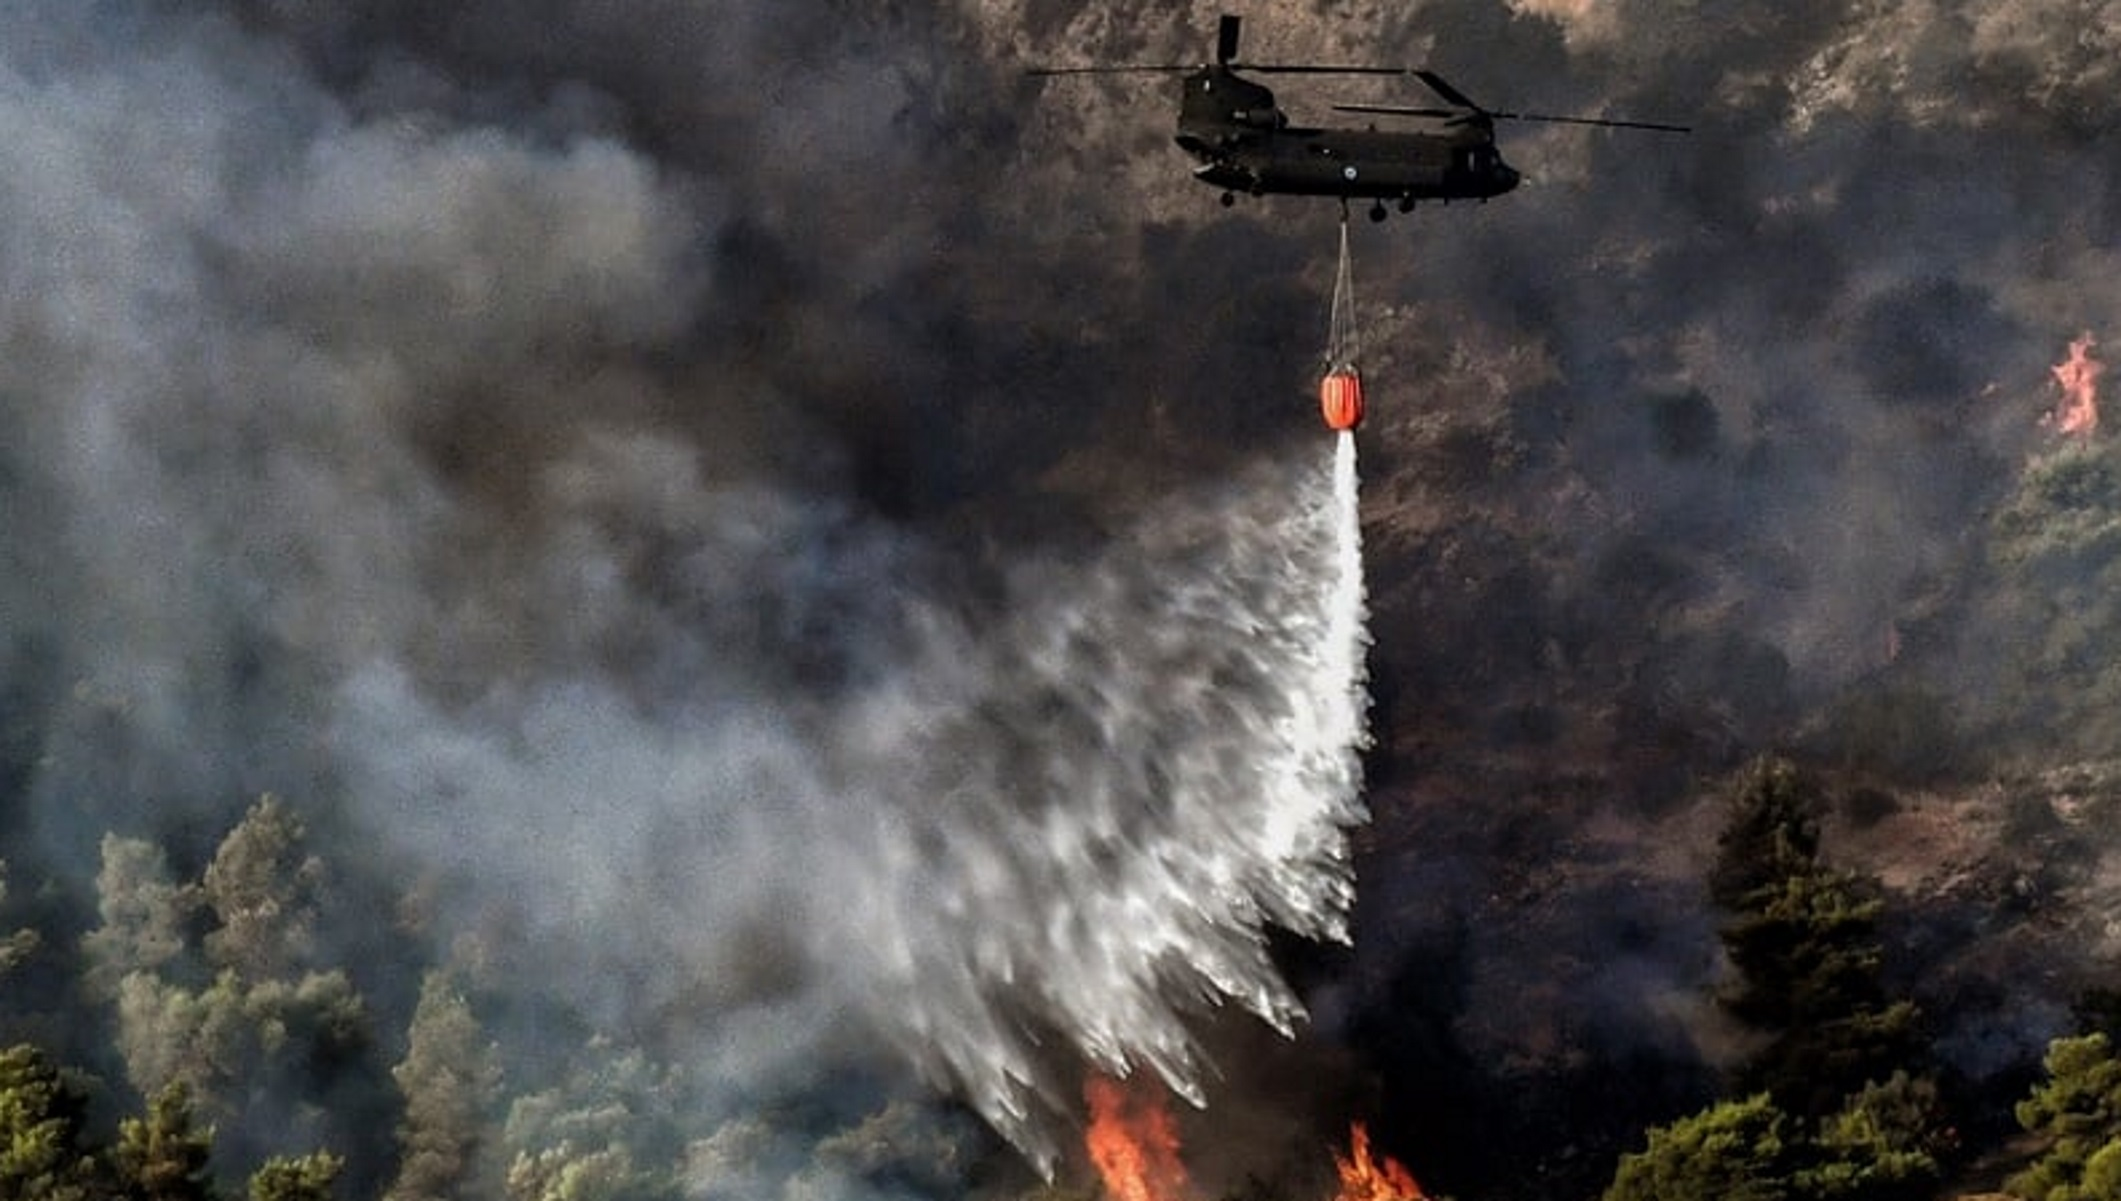 Φωτιές: Ακραίος κίνδυνος πυρκαγιάς σε Αττική και Εύβοια